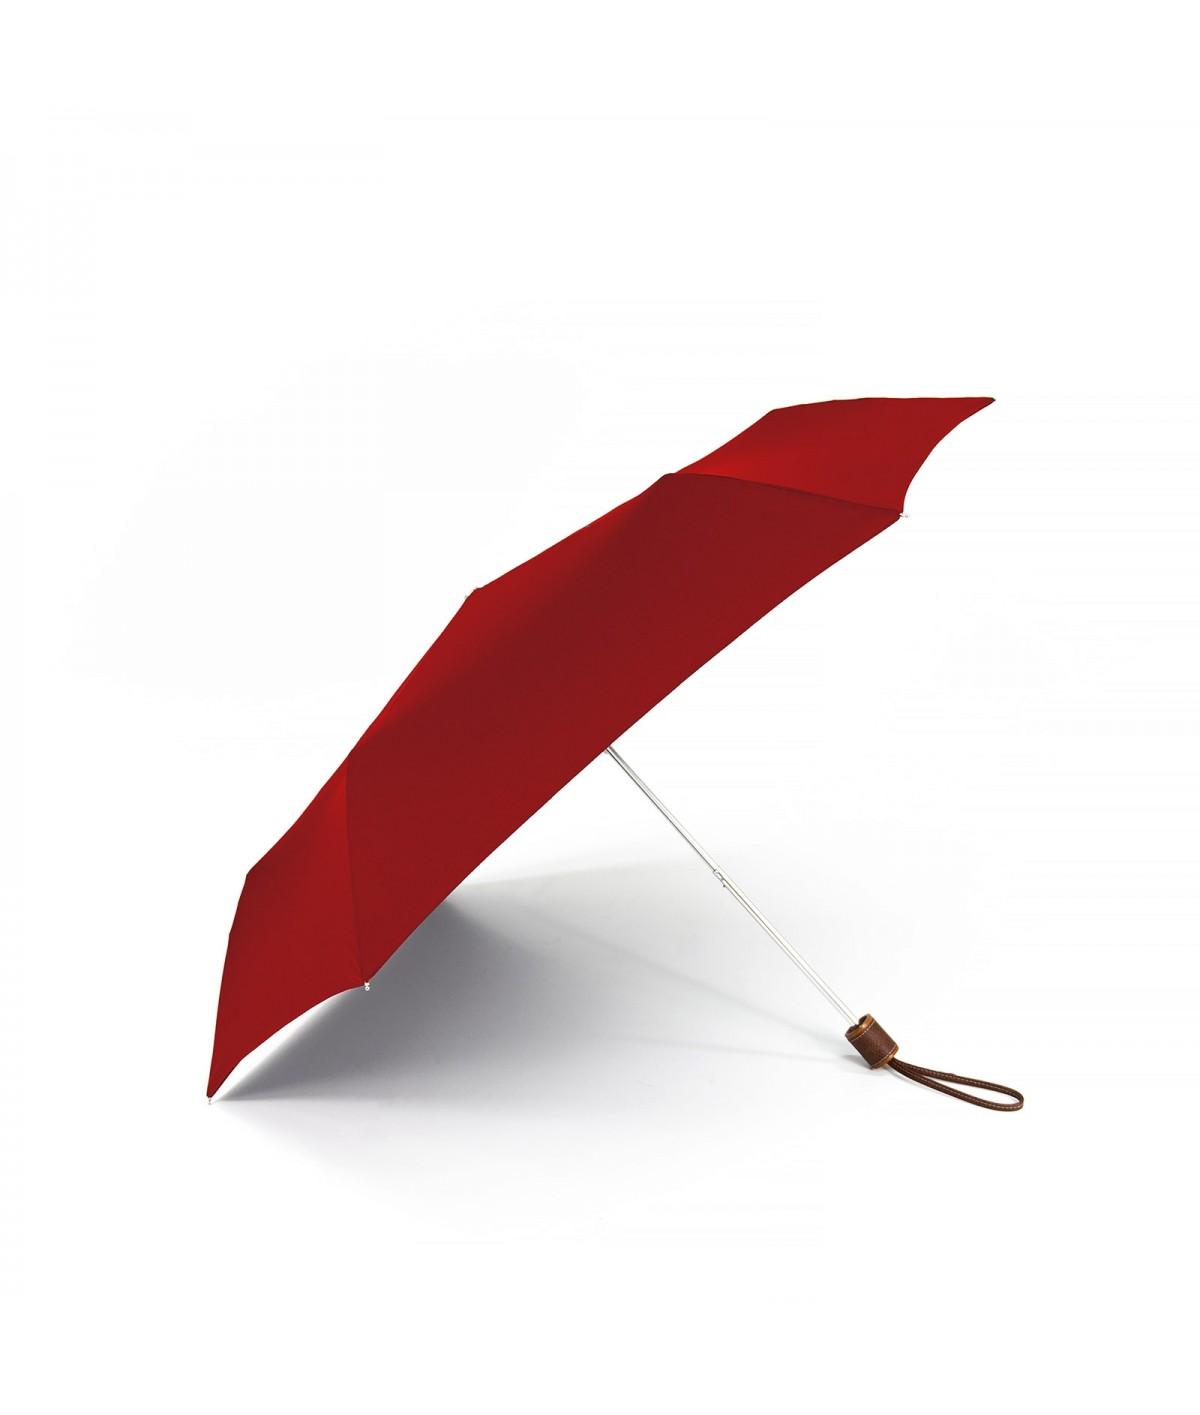 """→ Longchamp - Parapluie """"Micro Pliage"""" - Rouge - Parasolerie Maison Pierre Vaux"""